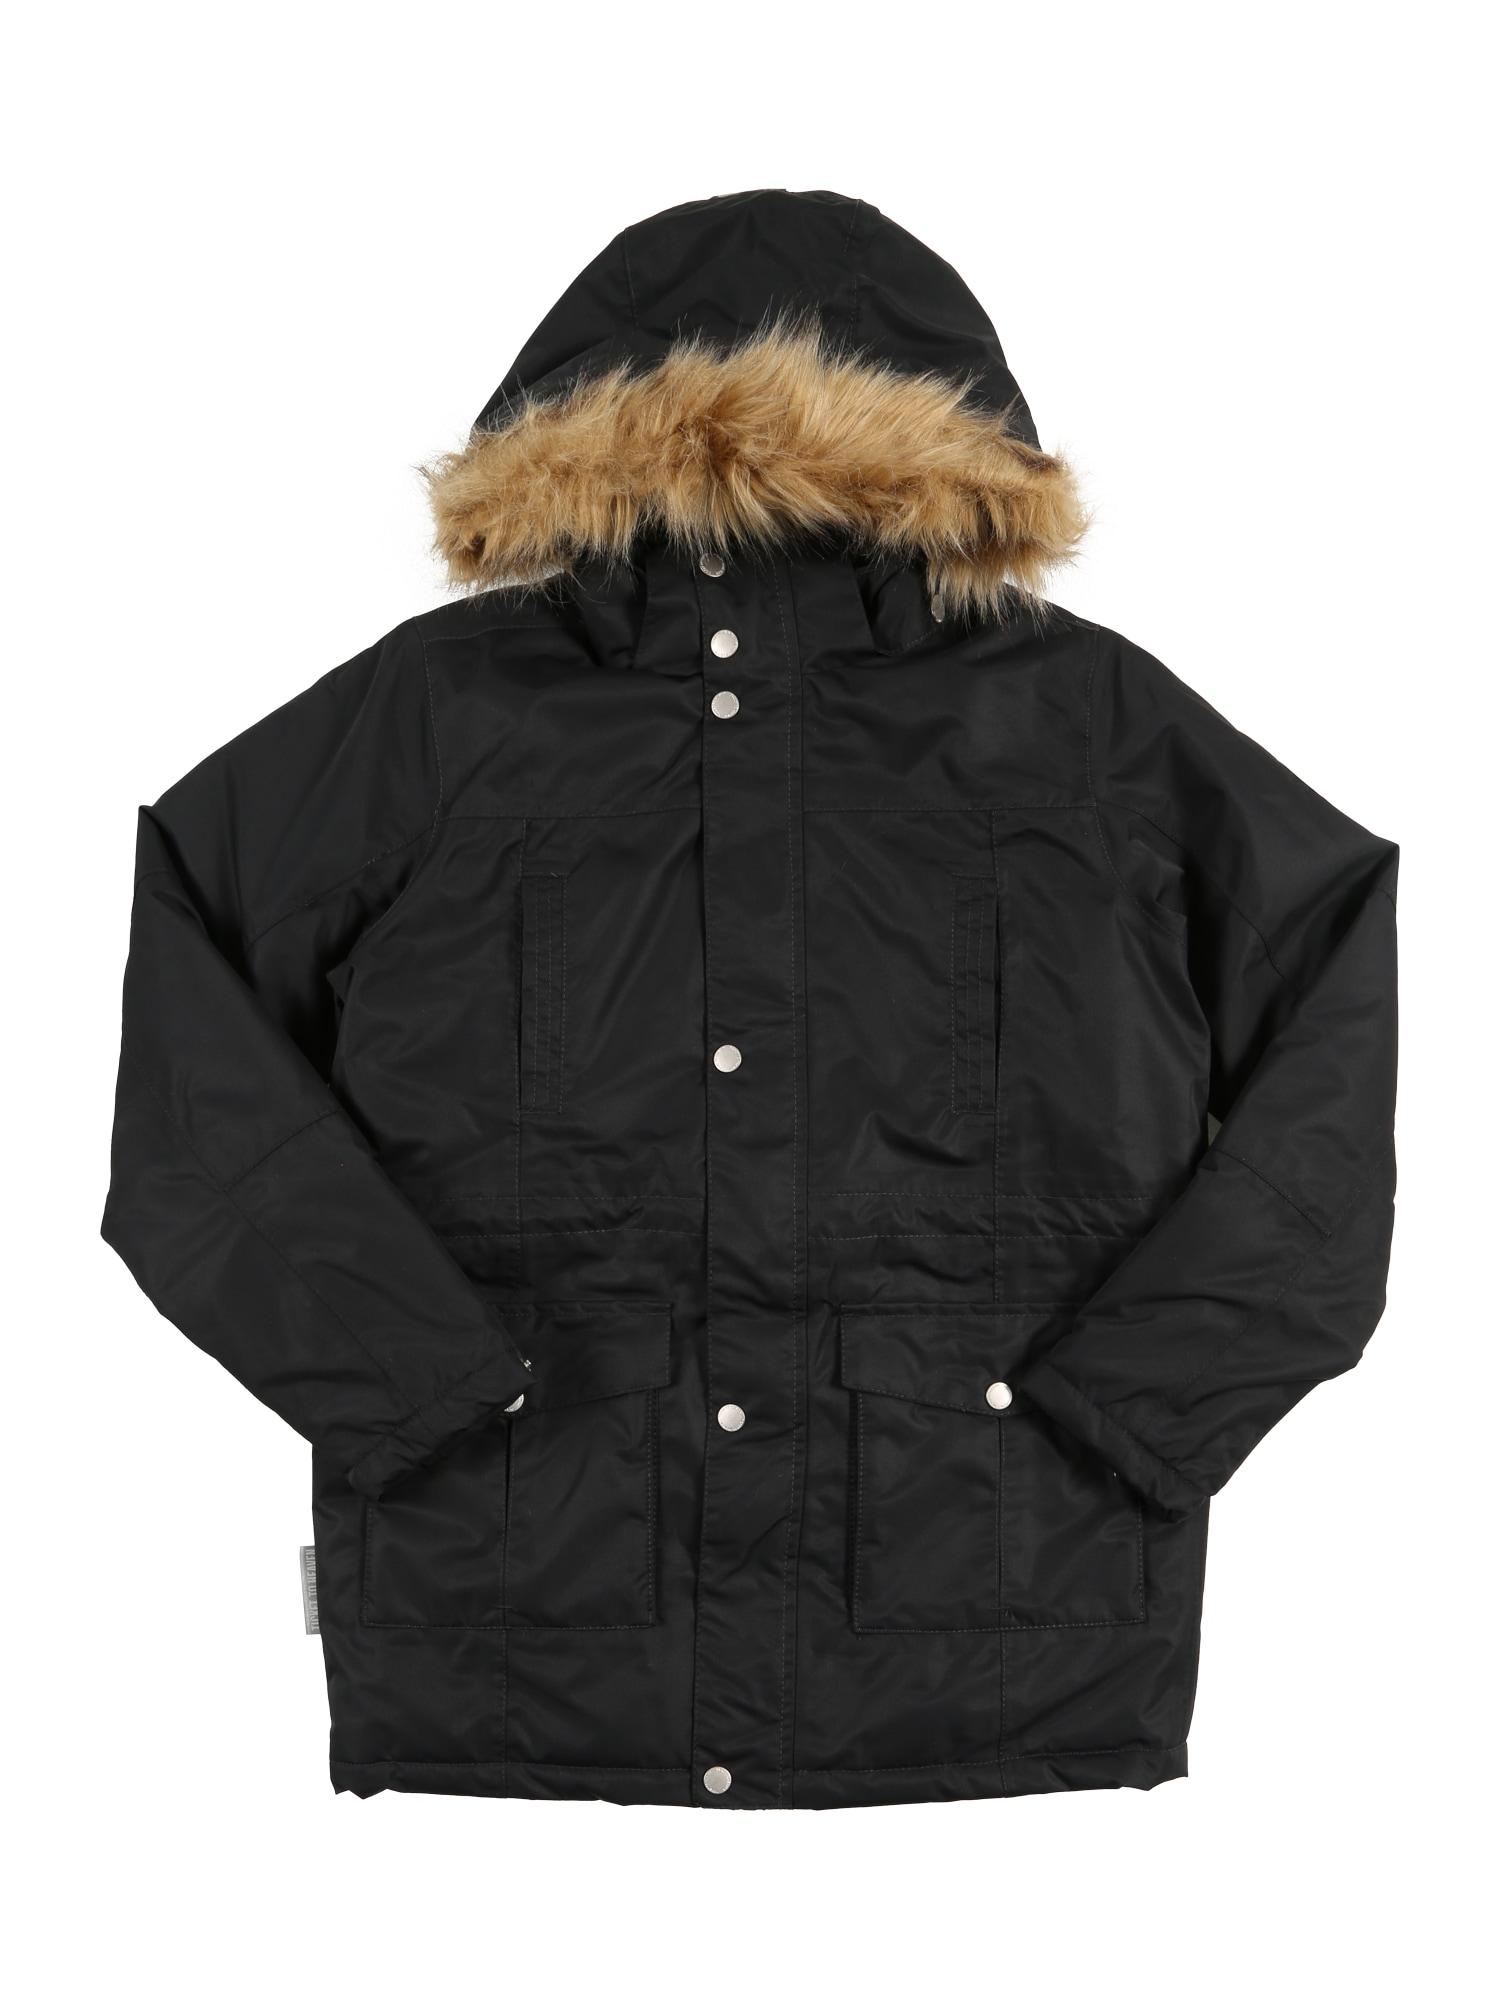 Zimní bunda Maron černá TICKET TO HEAVEN